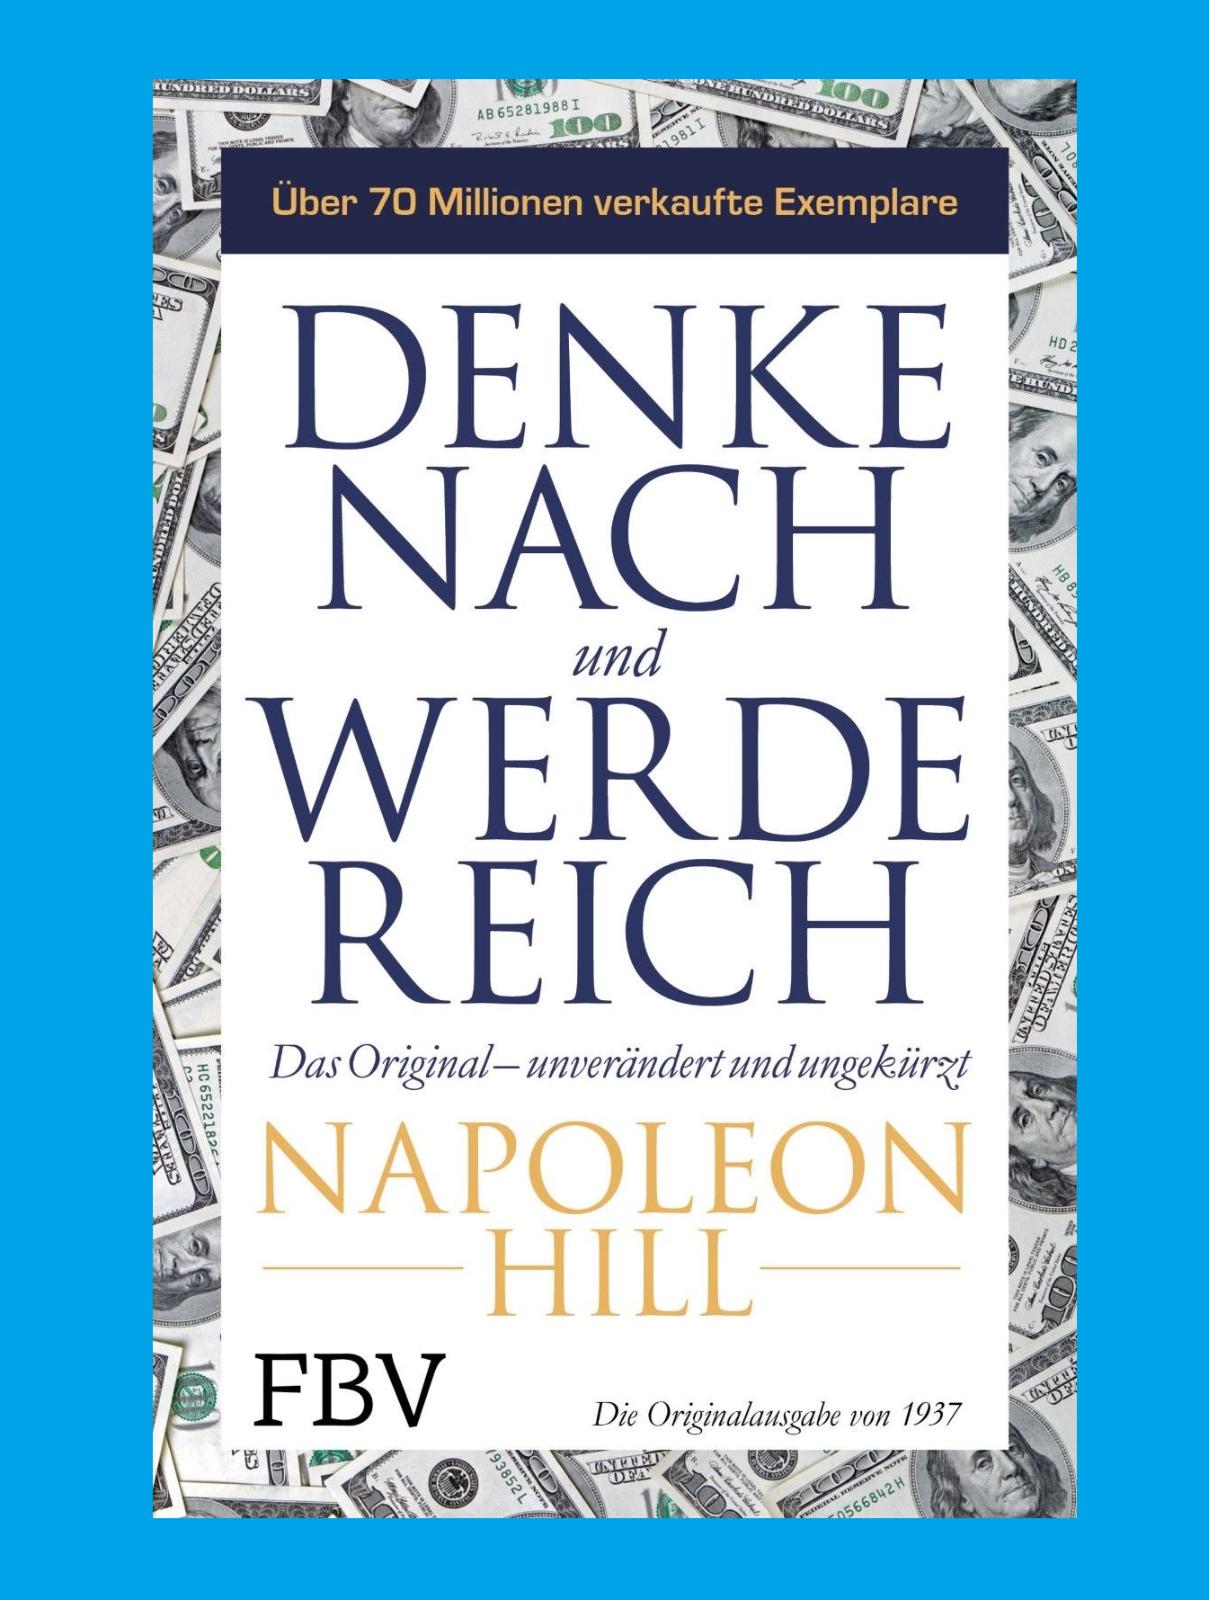 DENKE NACH UND WERDE REICH. Napoleon Hill. THINK and GROW RICH. Deutsche Ausgabe